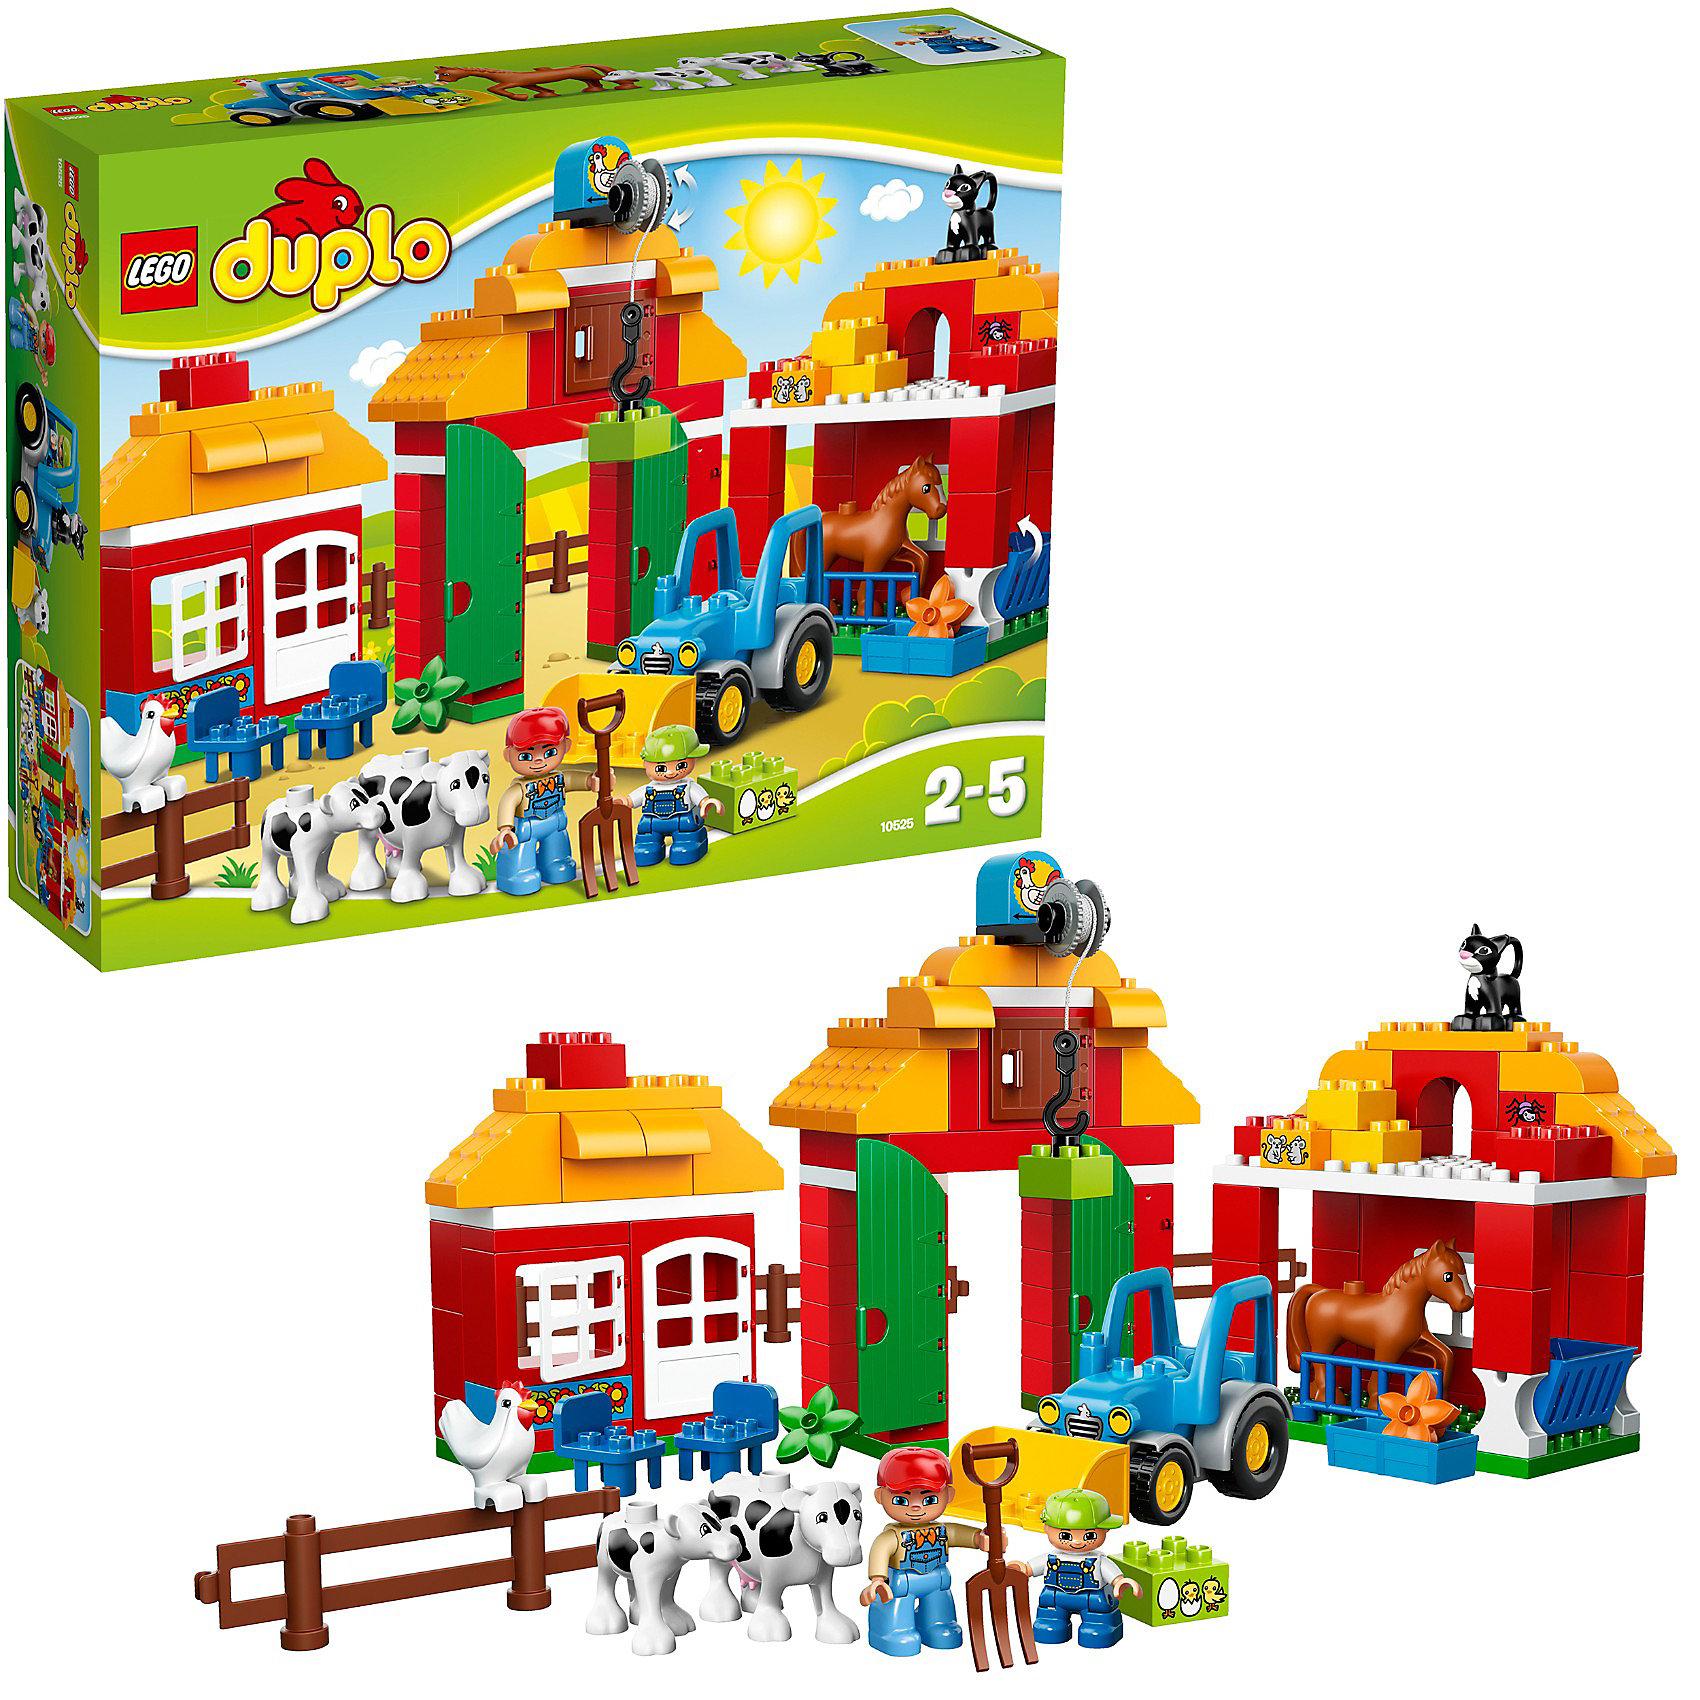 LEGO DUPLO 10525: Большая фермаИдеи подарков<br>LEGO DUPLO (ЛЕГО Дупло) 10525: Большая ферма Lego Duplo - увлекательный и познавательный игровой набор, который познакомит Вашего малыша с жизнью на ферме. <br><br>Конструктор LEGO Большая ферма содержит все необходимые детали, для того, чтобы собрать постройки для фермы сельский домик, сарайс для хранения кормов и инструментов с лебедкой на крыше, большой хлев для животных. У сарая открываются двери и есть лебедка для подъема сена наверх. У фермерского дома открываются двери и окна, есть 2 стула. В хлеву открывается окно и есть кормушка. Вести хозяйство поможет и мощный трактор lego 10525 , который готов приступить к работе в полях.<br><br>Набор отлично поможет малышам поближе познакомиться с жизнью на ферме, ее жителями и основными процессами работы.<br><br>ЛЕГО Дупло - серия конструкторов для малышей, которую отличает крупные яркие детали со скругленными углами и многообразие игровых сюжетов, это и животные, и растения, и машинки, и сказочные персонажи.<br><br>Дополнительная информация:<br><br>- Количество деталей: 121<br>- В наборе: две минифигурки: фермер и его сын, сарай для хранения продуктов, сельский домик, большой хлев, трактор для работы, фигурки лошади, теленка, коровы, курицы и <br> кошки, аксессуары: вилы, кормушка, кубики ЛЕГО с нарисованными цветами, курочка, мышка и цветы.<br>- Количество минифигур: 7.<br>- Серия: ЛЕГО Дупло. <br>- Материал: пластик.<br> -Размеры фермерского дома: 19 x 8 x 16 см.<br>- Размеры сарая: 28 x 19 x 15 см.<br>- Размеры стойла: 21 x 22 см.<br>- Размеры трактора с ковшом: 9 x 15 x 7 см.<br>- Размер упаковки: 37 x 11 x 48 см. <br>- Вес: 1,86 кг. <br><br>Игра с конструктором развивает мелкую моторику, фантазию и воображение ребенка, учит его усидчивости и внимательности.<br><br>Конструктор LEGO DUPLO (ЛЕГО Дупло) 10525: Большая ферма можно купить в нашем интернет-магазине.<br><br>Ширина мм: 482<br>Глубина мм: 375<br>Высота мм: 114<br>Вес г: 1846<br>Возраст от месяцев: 24<br>Возра